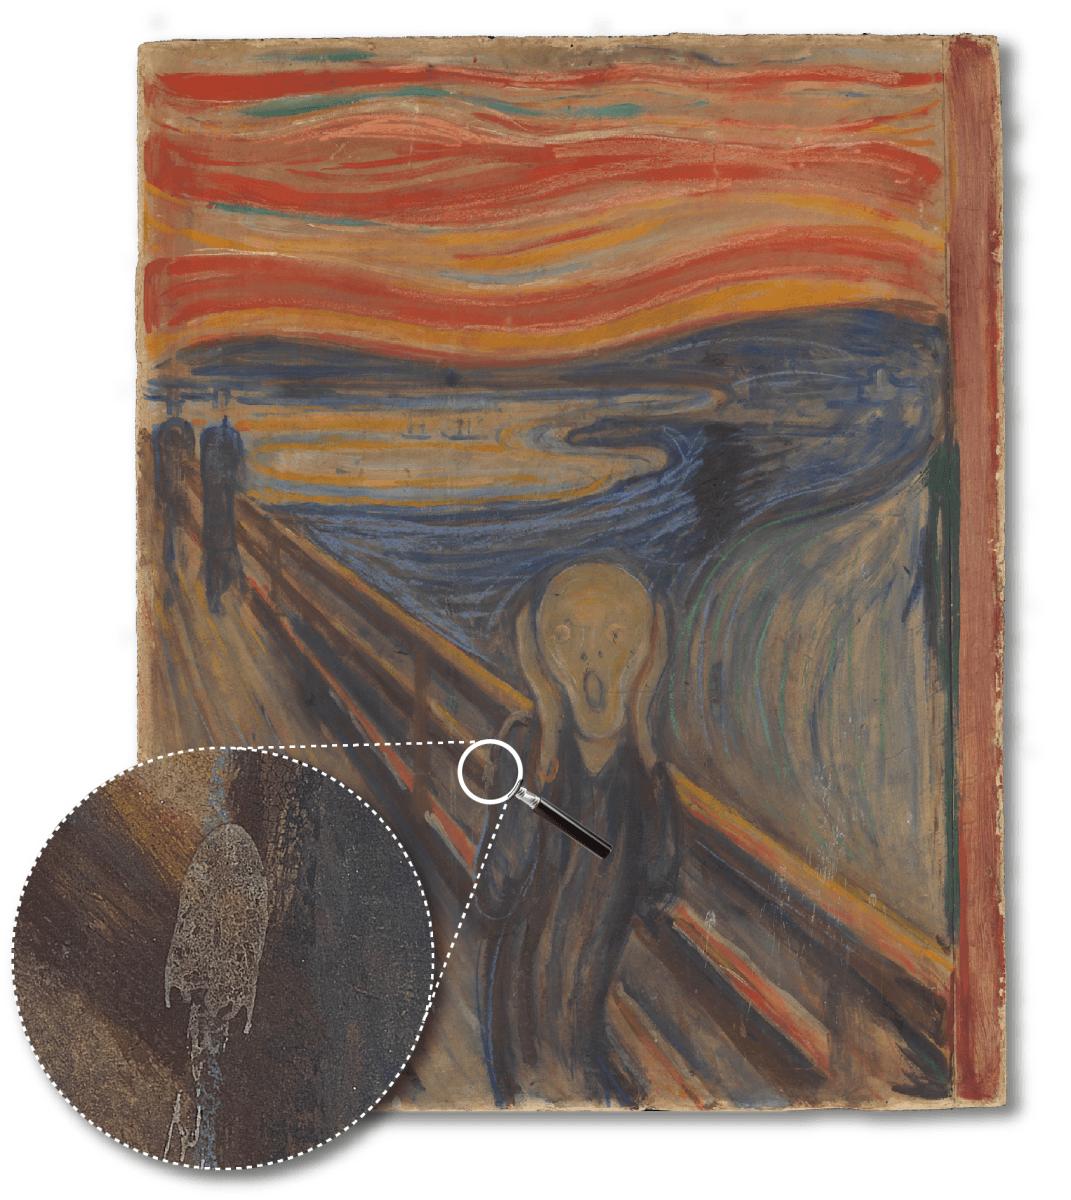 (fot. Narodowe Muzeum Sztuki, Architektury i Projektowania w Oslo)